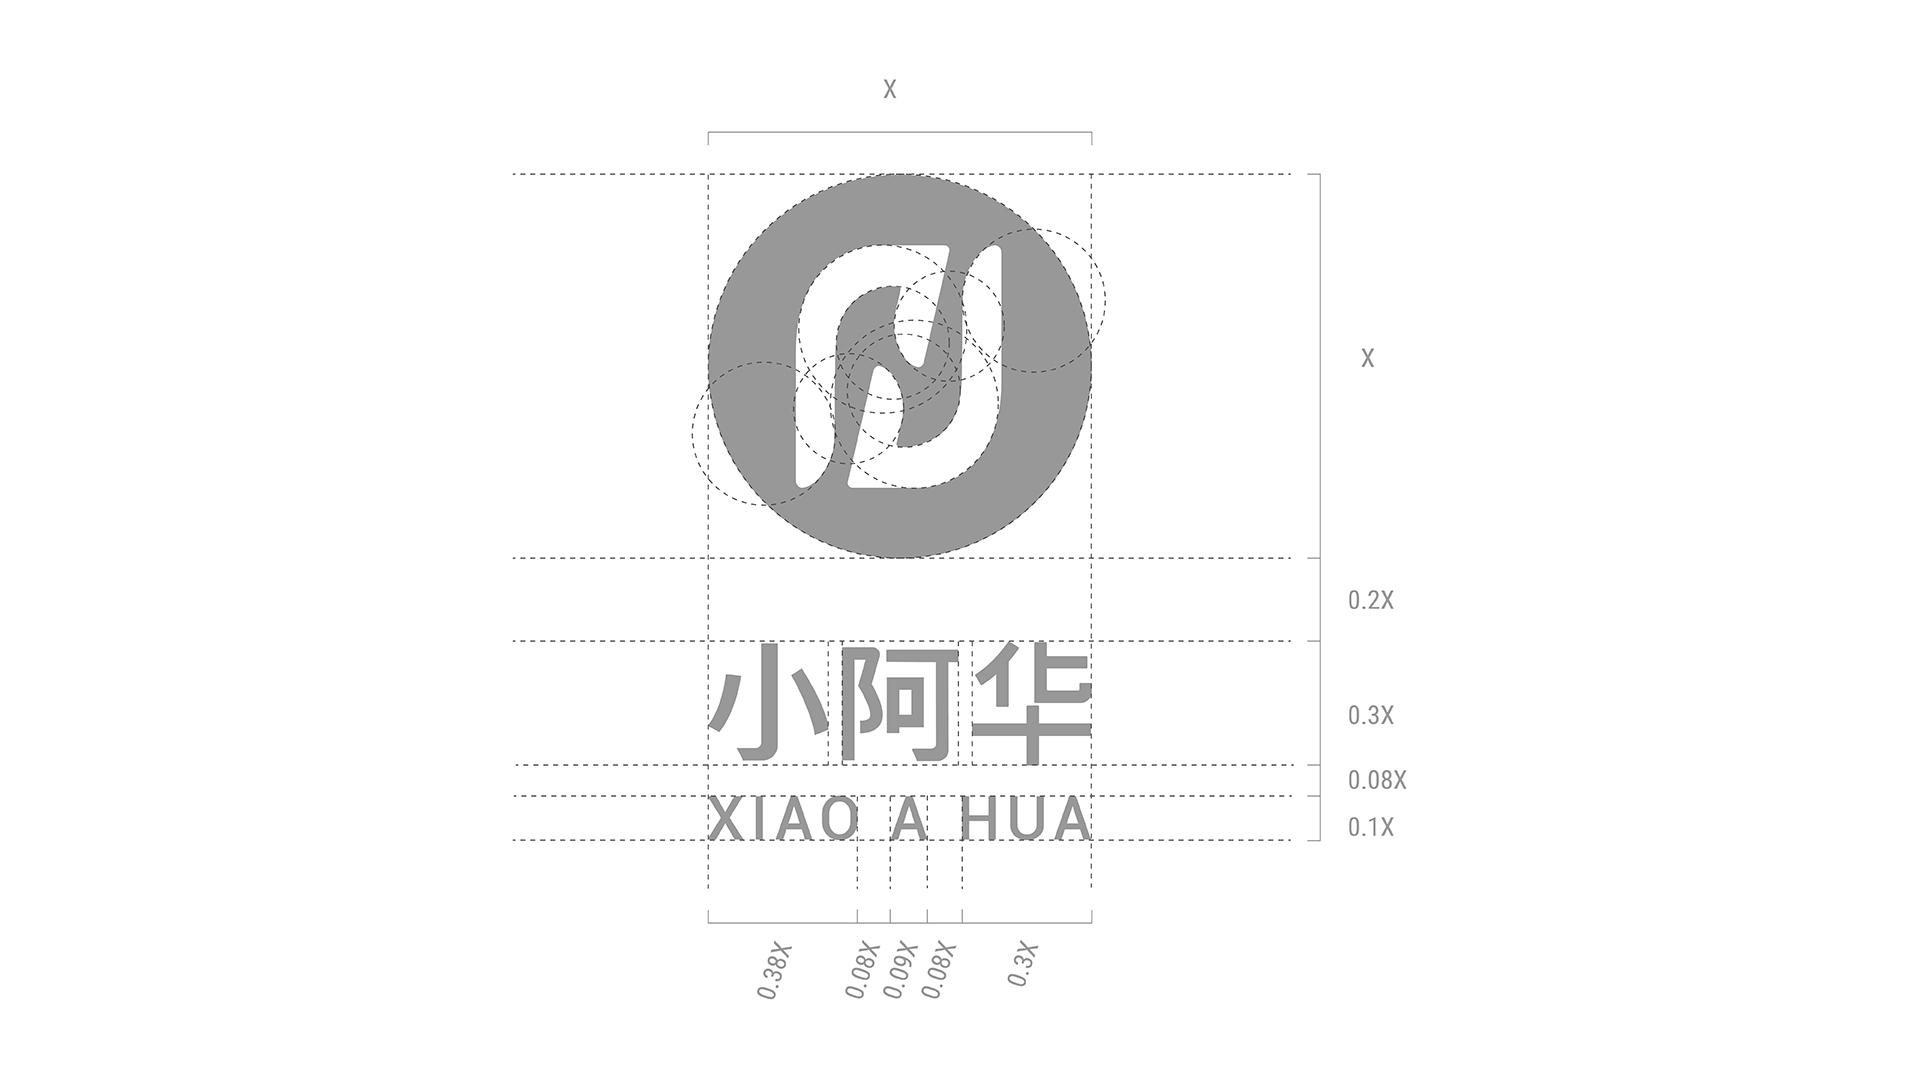 小阿华健康家政品牌logo设计标准制图